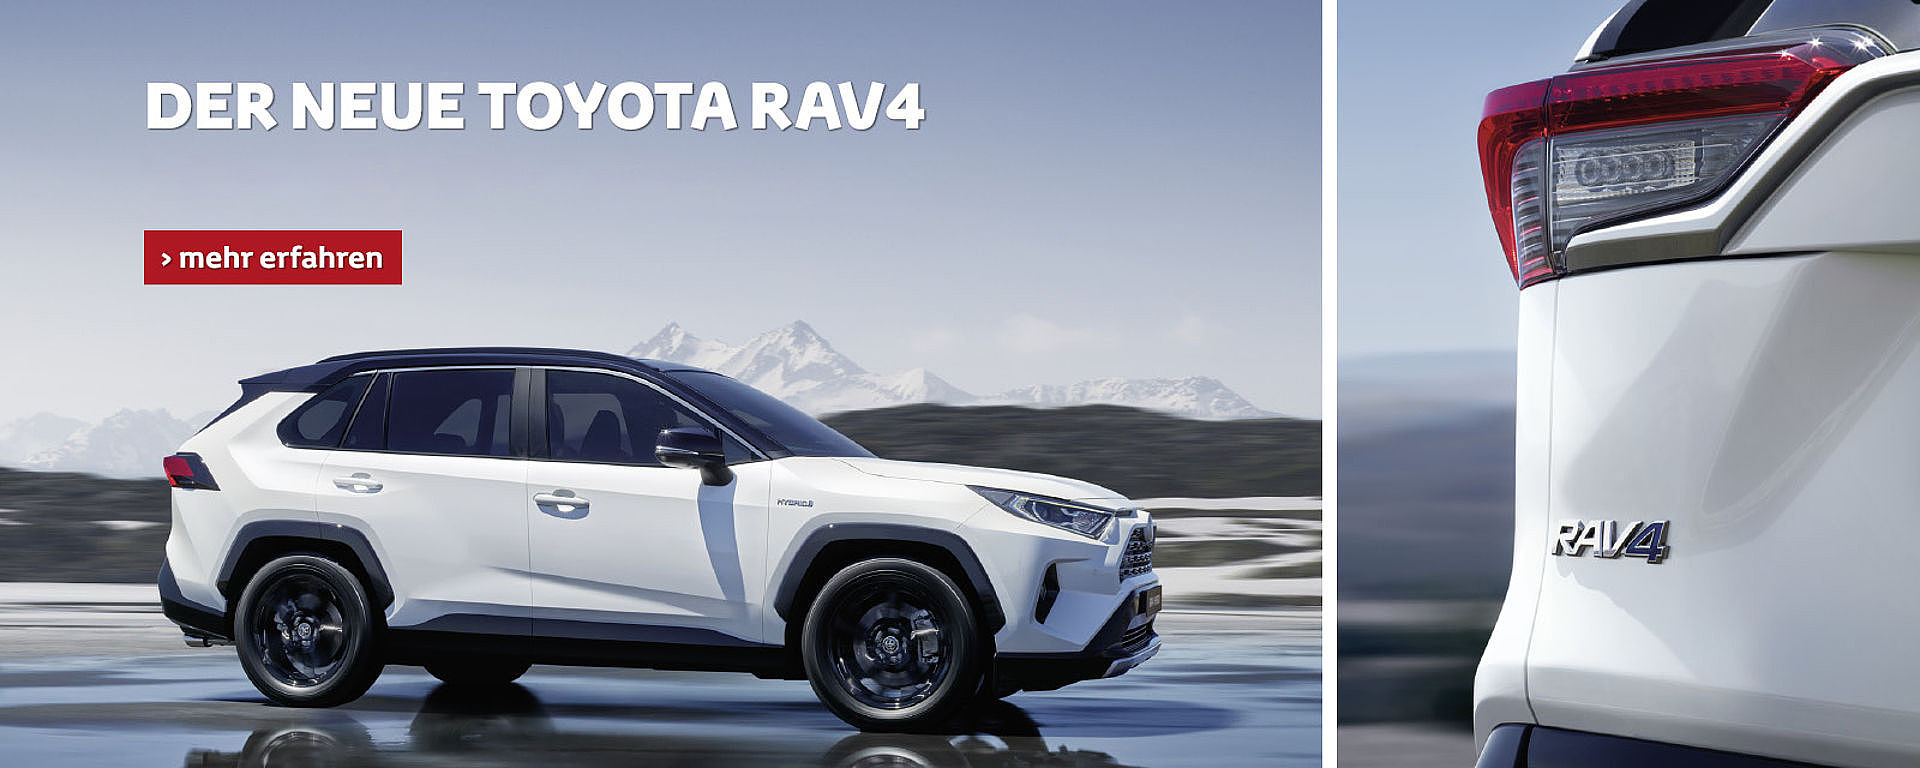 Autohaus Bruns Toyota Und Kia In Bramsche Und Quakenbruck